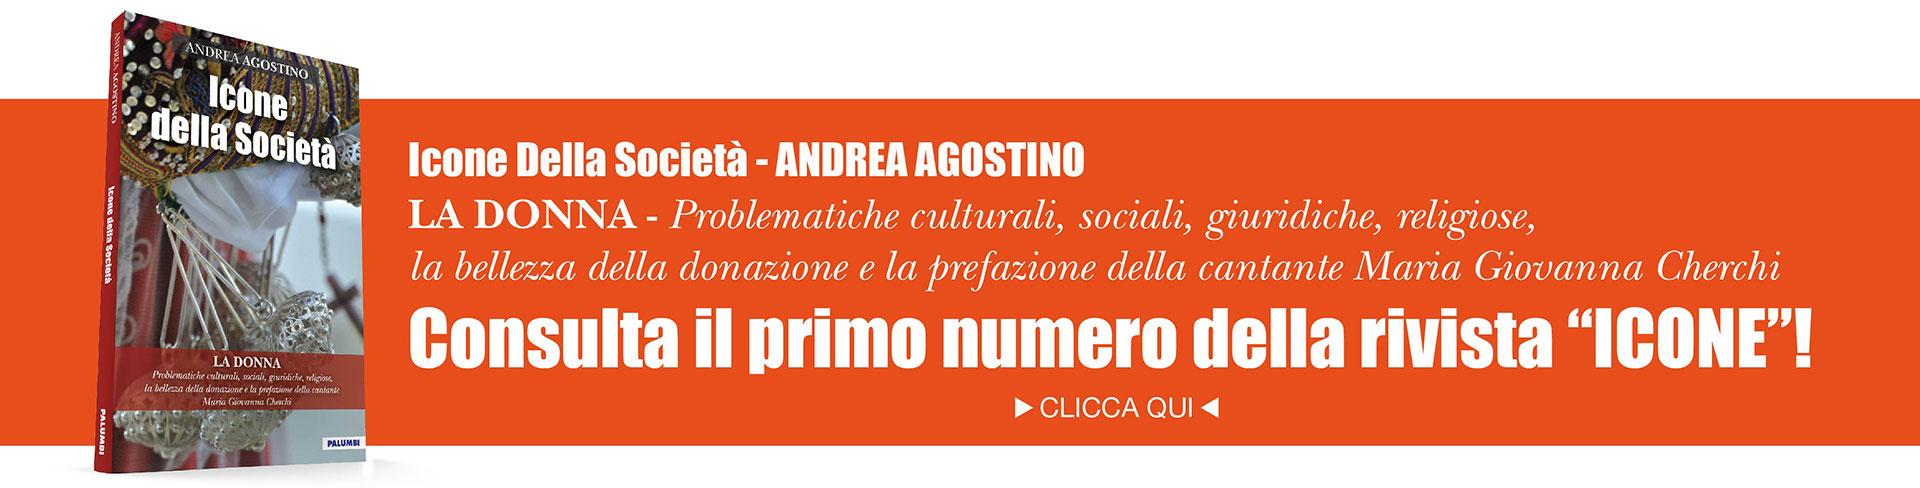 banner icona della societa andrea agostino